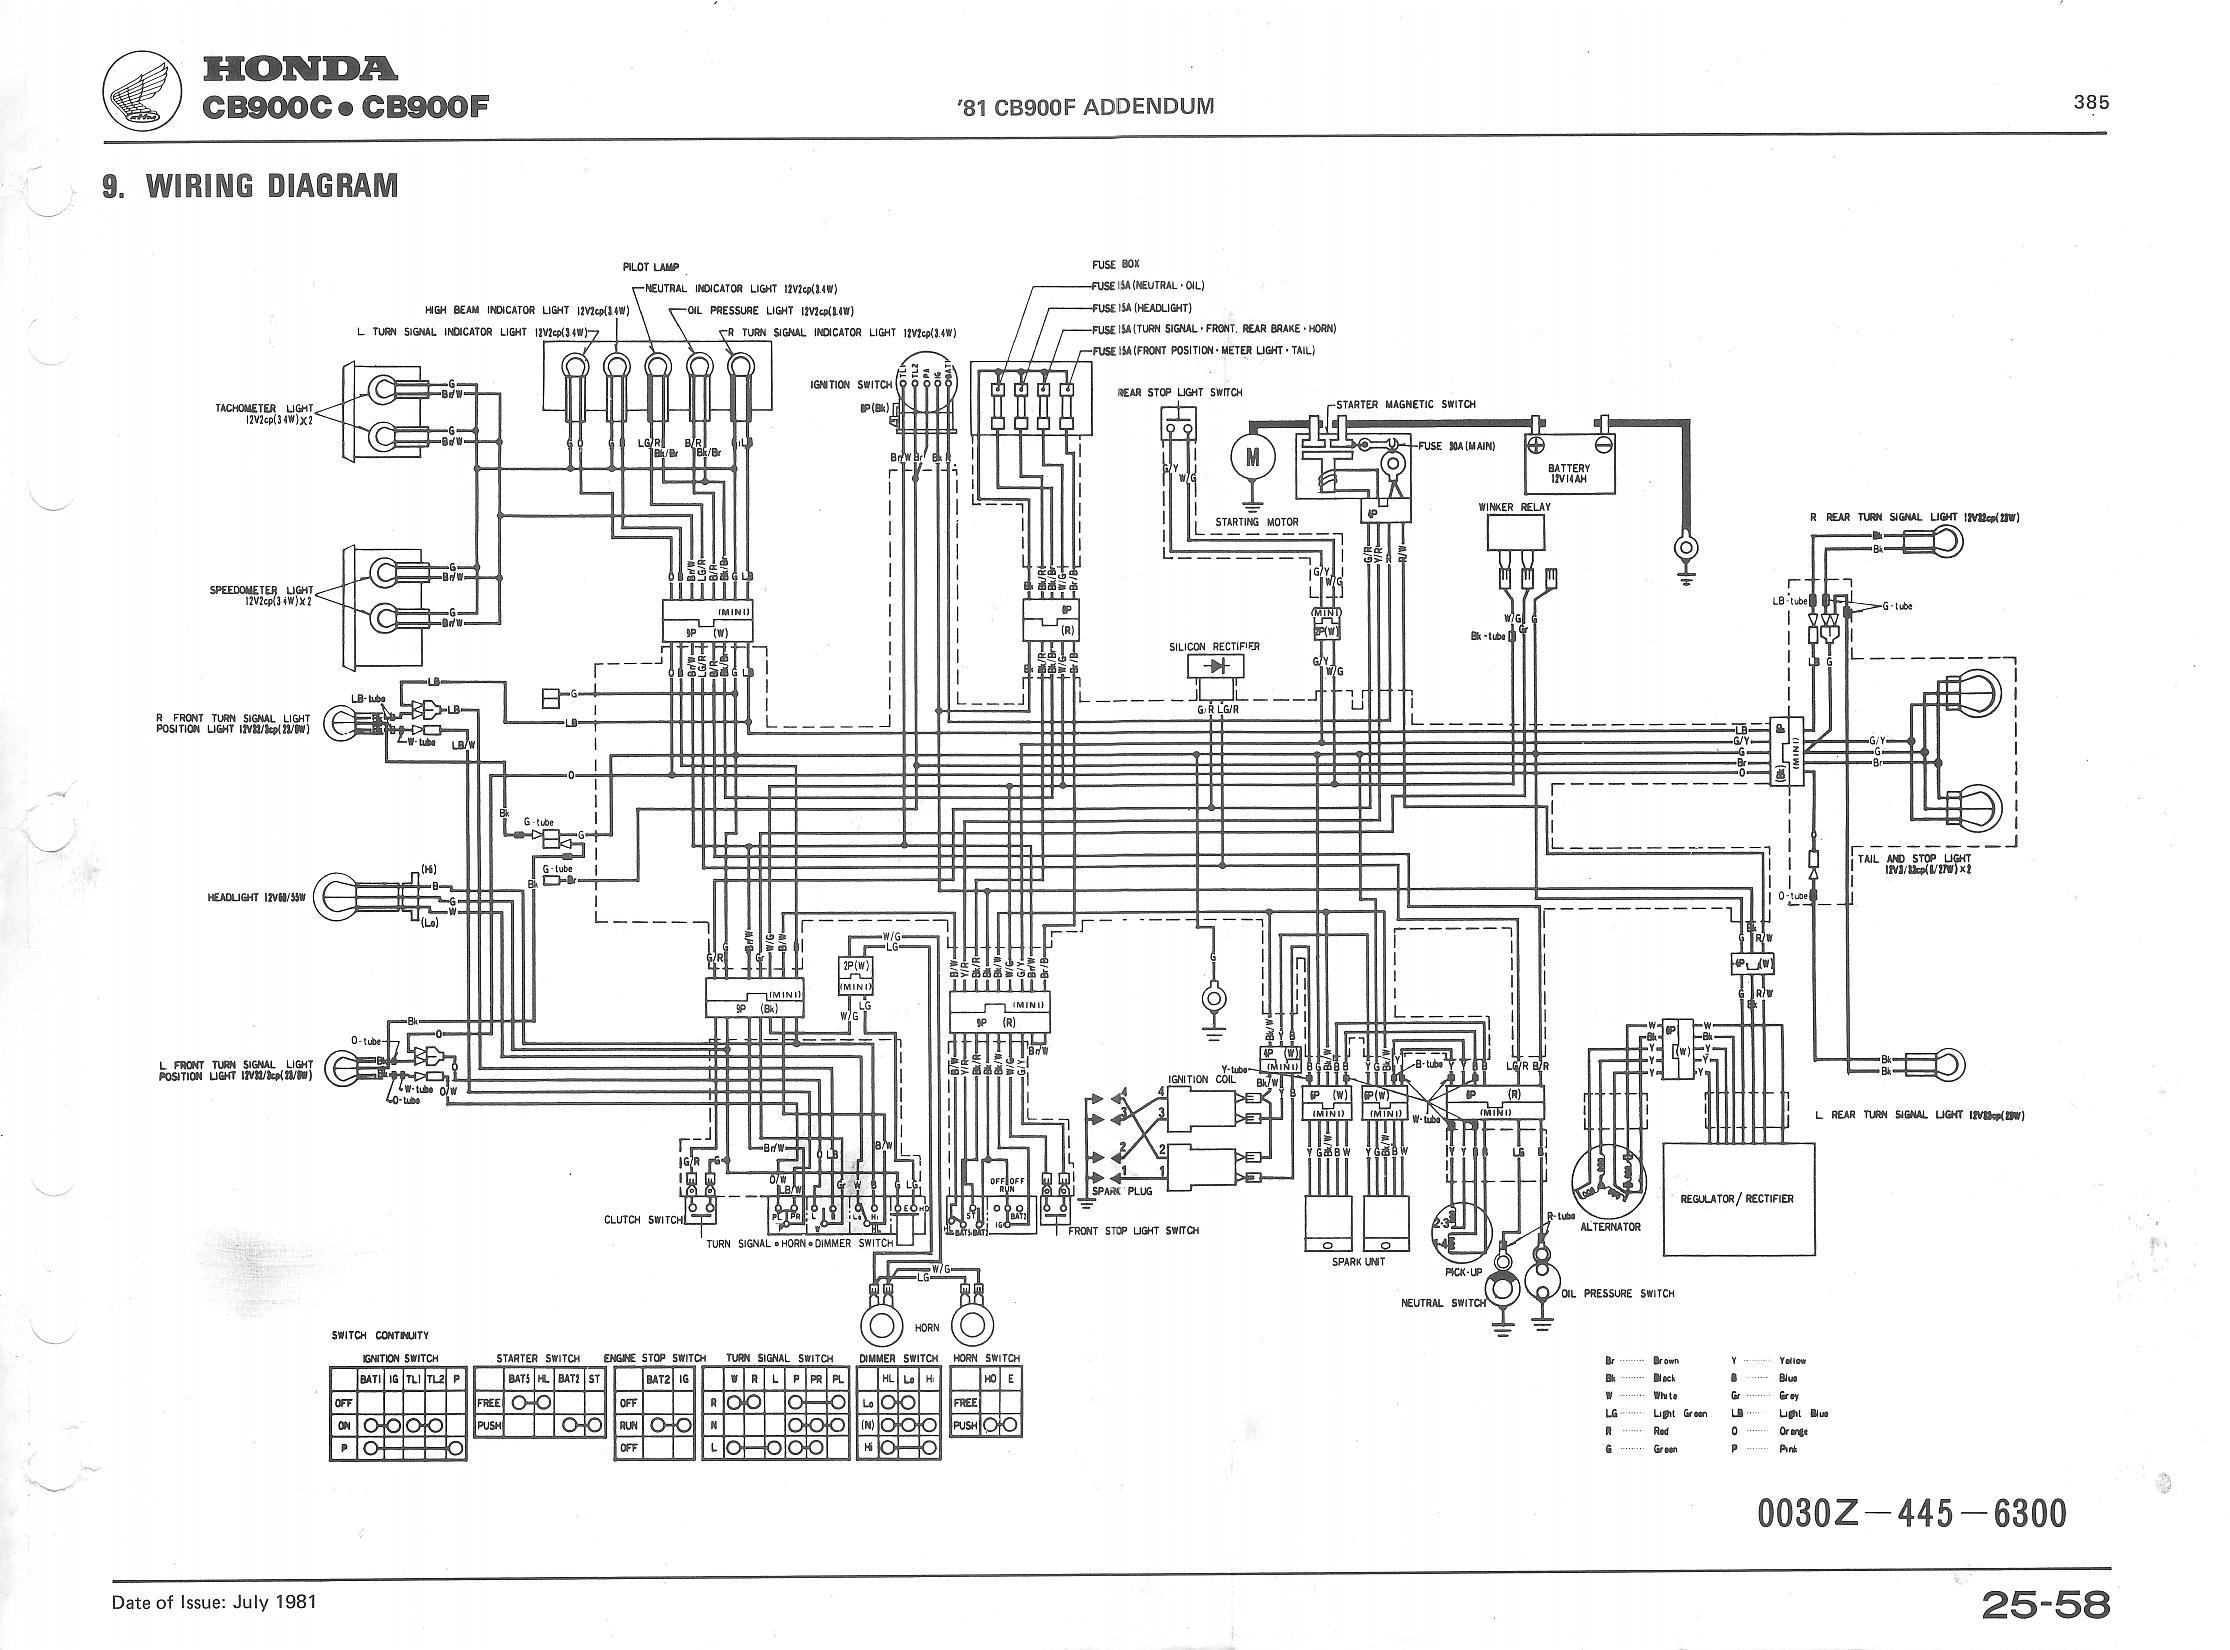 [DIAGRAM] Simple Virago Wiring Diagram FULL Version HD